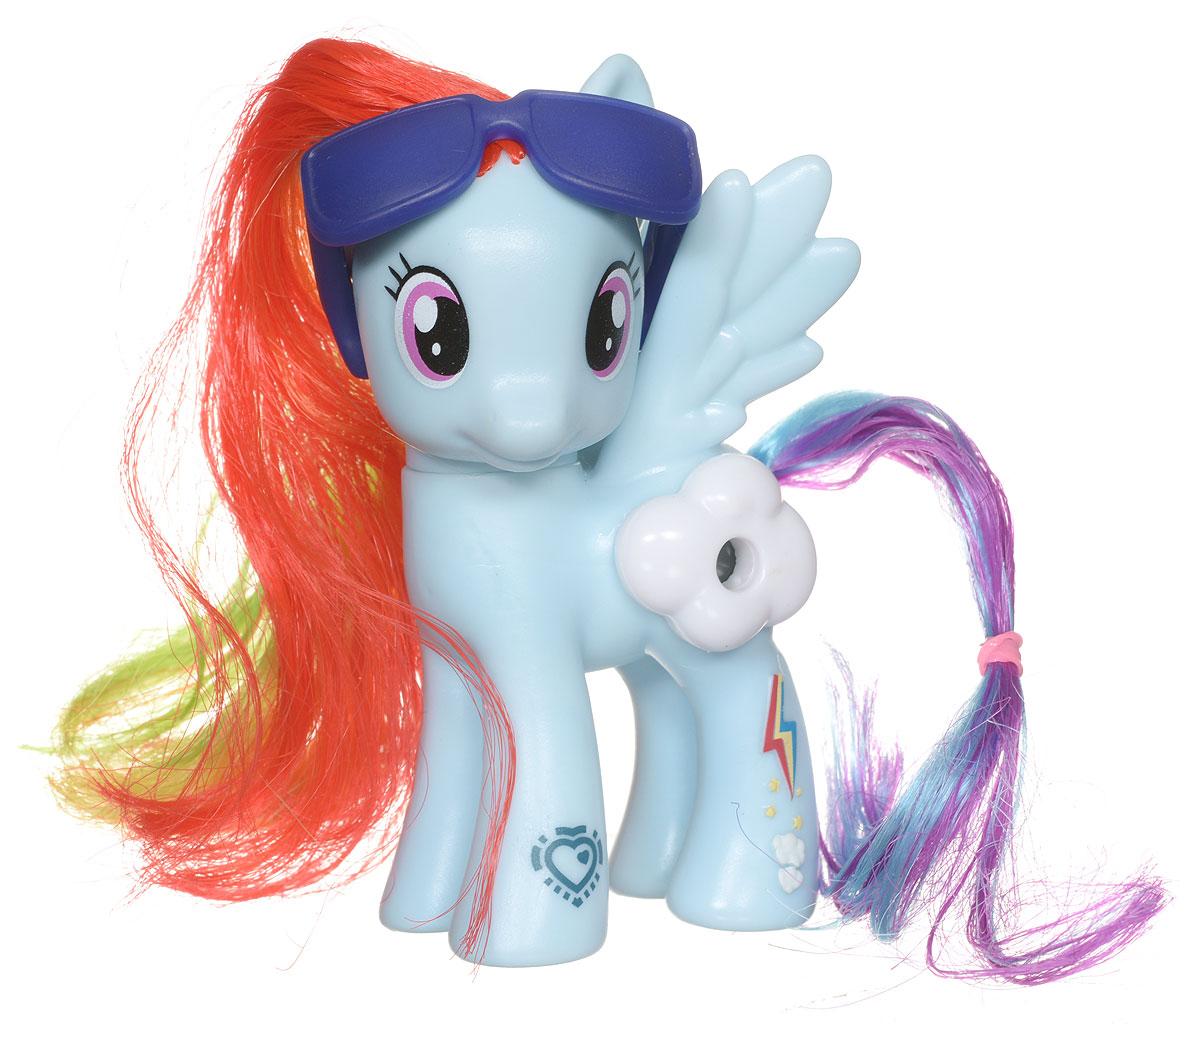 My Little Pony Фигурка Пони Rainbow Dash с волшебной картинкойB5361EU4_B7267My Little Pony Фигурка Пони Rainbow Dash порадует любую девочку! Каждая малышка пони неповторима и отмечена уникальными символами, расположенными на ее ножках. Отличительный знак появляется на пони, когда она понимает, что чем-то отличается от остальных. Голова фигурки поворачивается. Гриву и хвост пони малышка сможет расчесывать и создавать различные прически. В боку пони встроен маленький глазок, посмотрев в который, девочка увидит красивую картинку. В комплект с фигуркой также входят стильные очки. Игры с такой игрушкой способствуют развитию у ребенка фантазии и любознательности, помогут овладеть навыками общения, воспитают чувство ответственности и заботы. Благодаря маленькому размеру фигурки малышка сможет взять ее с собой на прогулку или в гости.